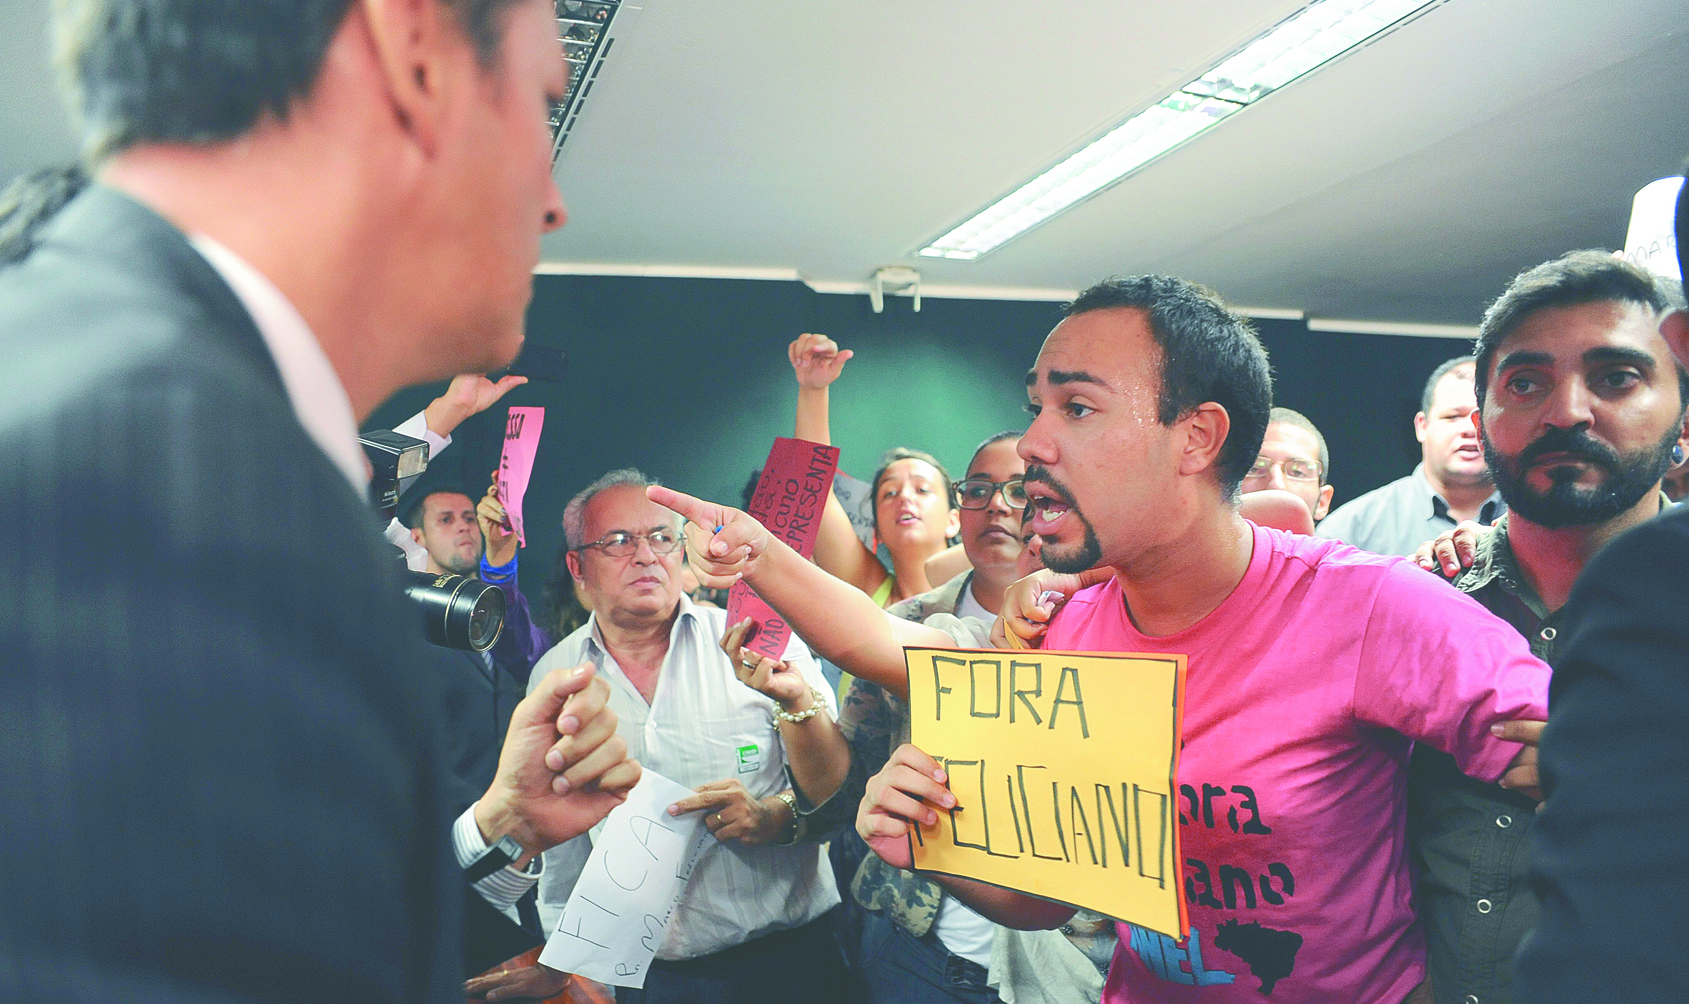 Foto: Alexandra Martins/Câmara dos Deputados